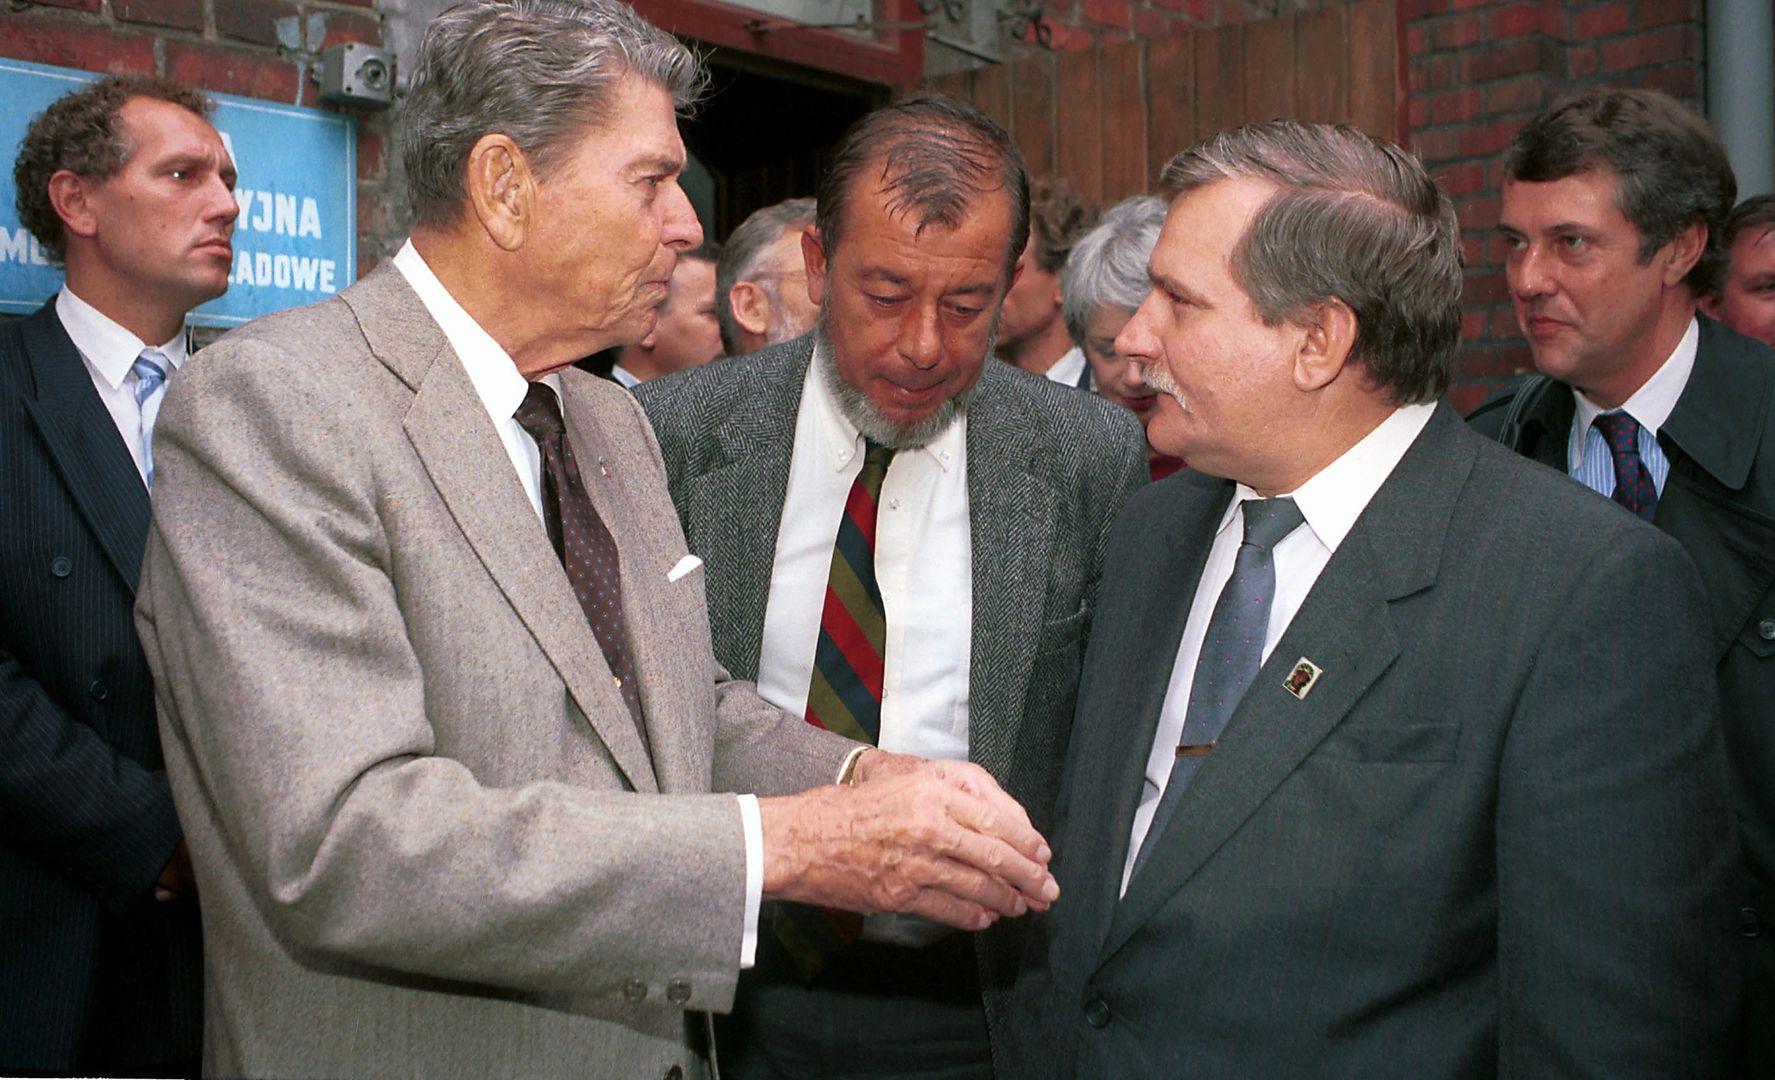 Wizyta Ronalda Reagana w Polsce, rok 1990. Pierwszy z prawej ambasador USA Thomas Simons